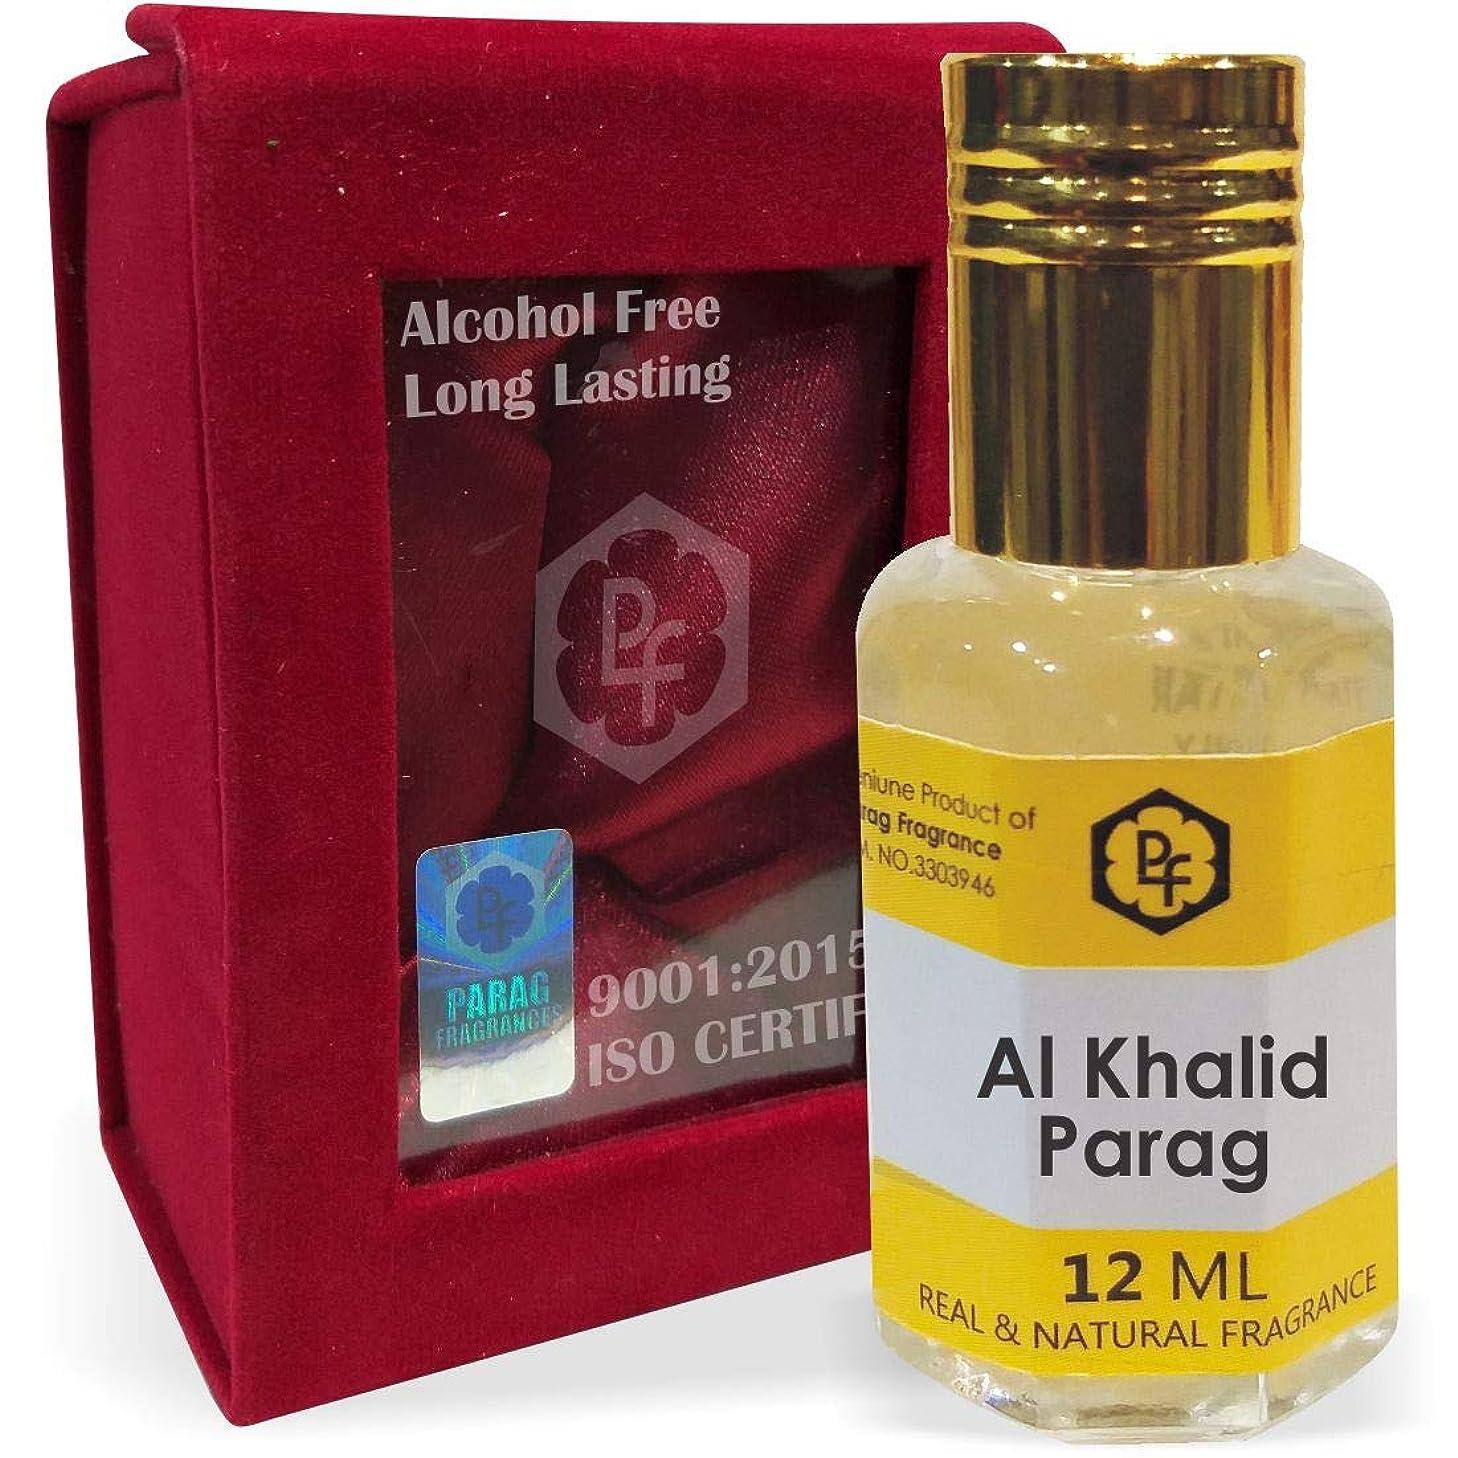 むき出し可能にするホールドオールParagフレグランス手作りベルベットボックスアルハリドParag 12ミリリットルアター/香水(インドの伝統的なBhapka処理方法により、インド製)オイル/フレグランスオイル|長持ちアターITRA最高の品質